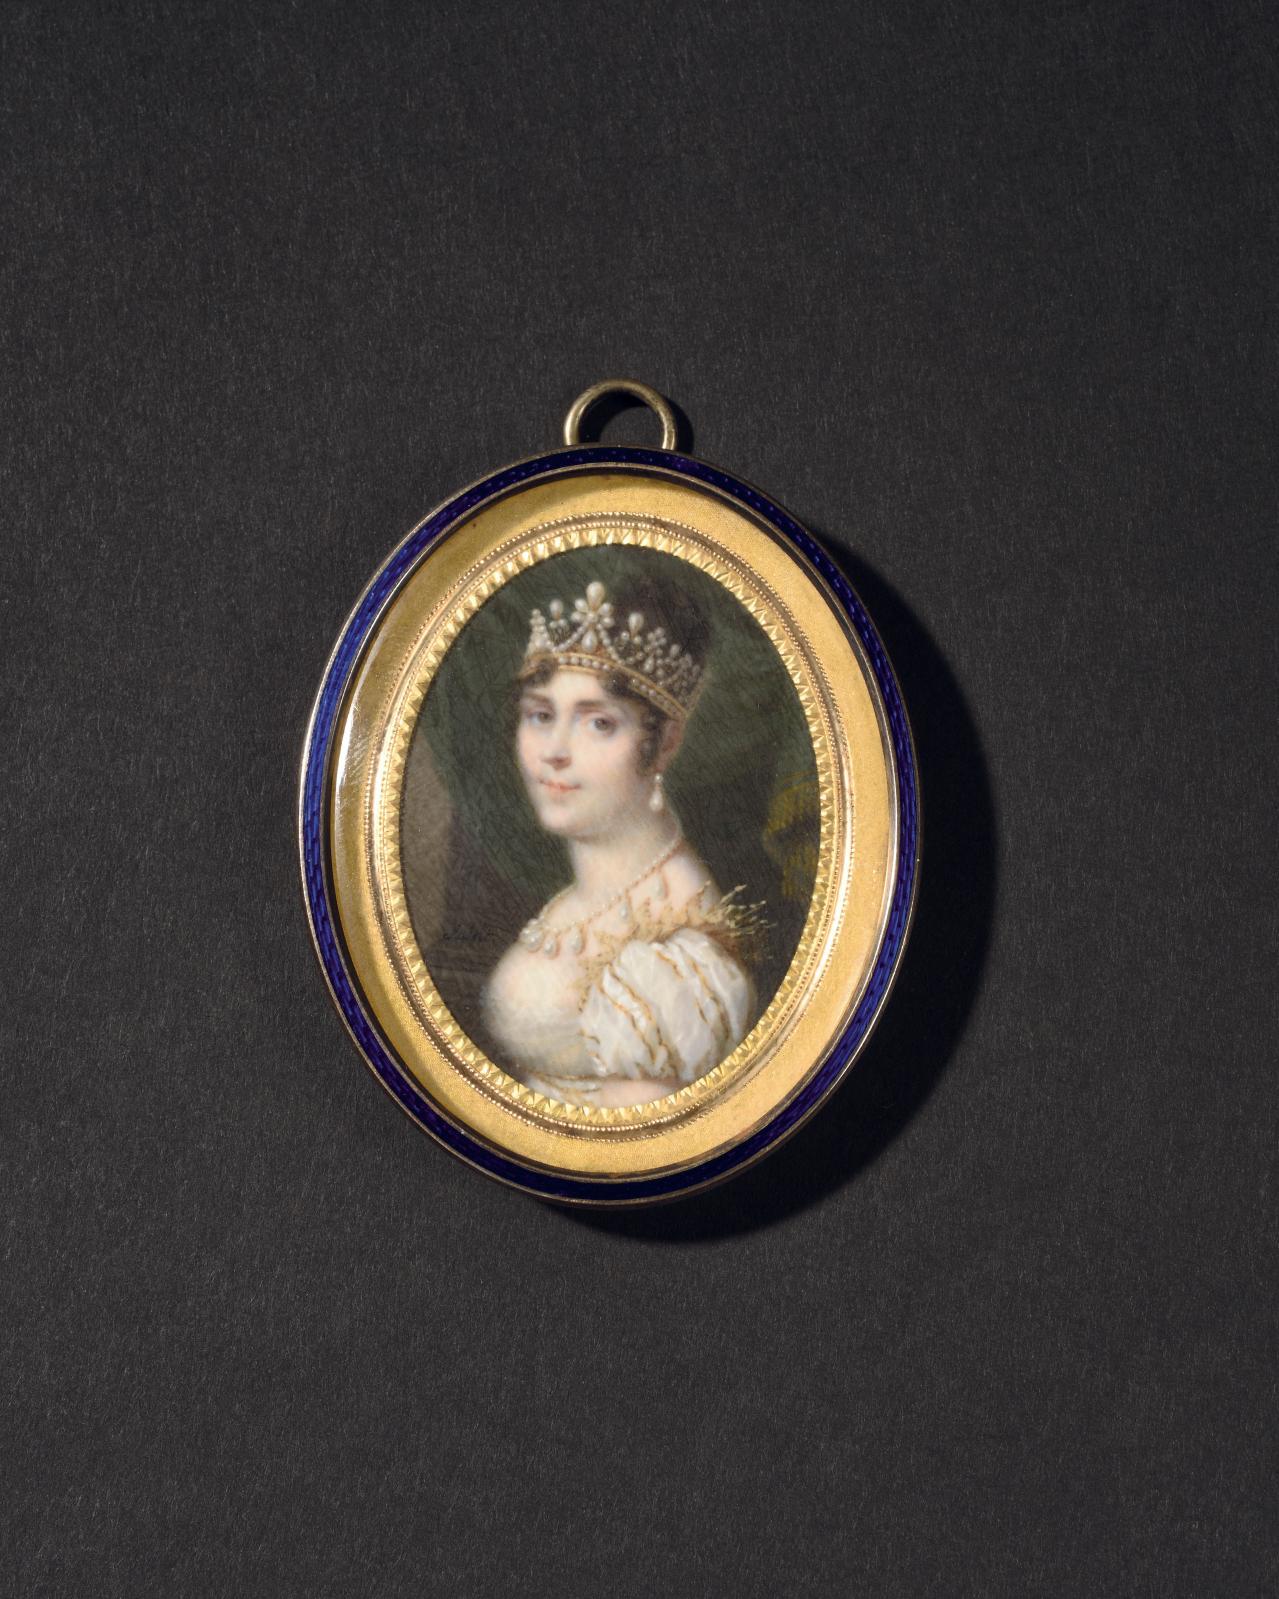 Le musée des châteaux de Malmaison et de Bois-Préau conserve un portrait similaire de L'Impératrice Joséphine portant sa parure de perles, une miniatu